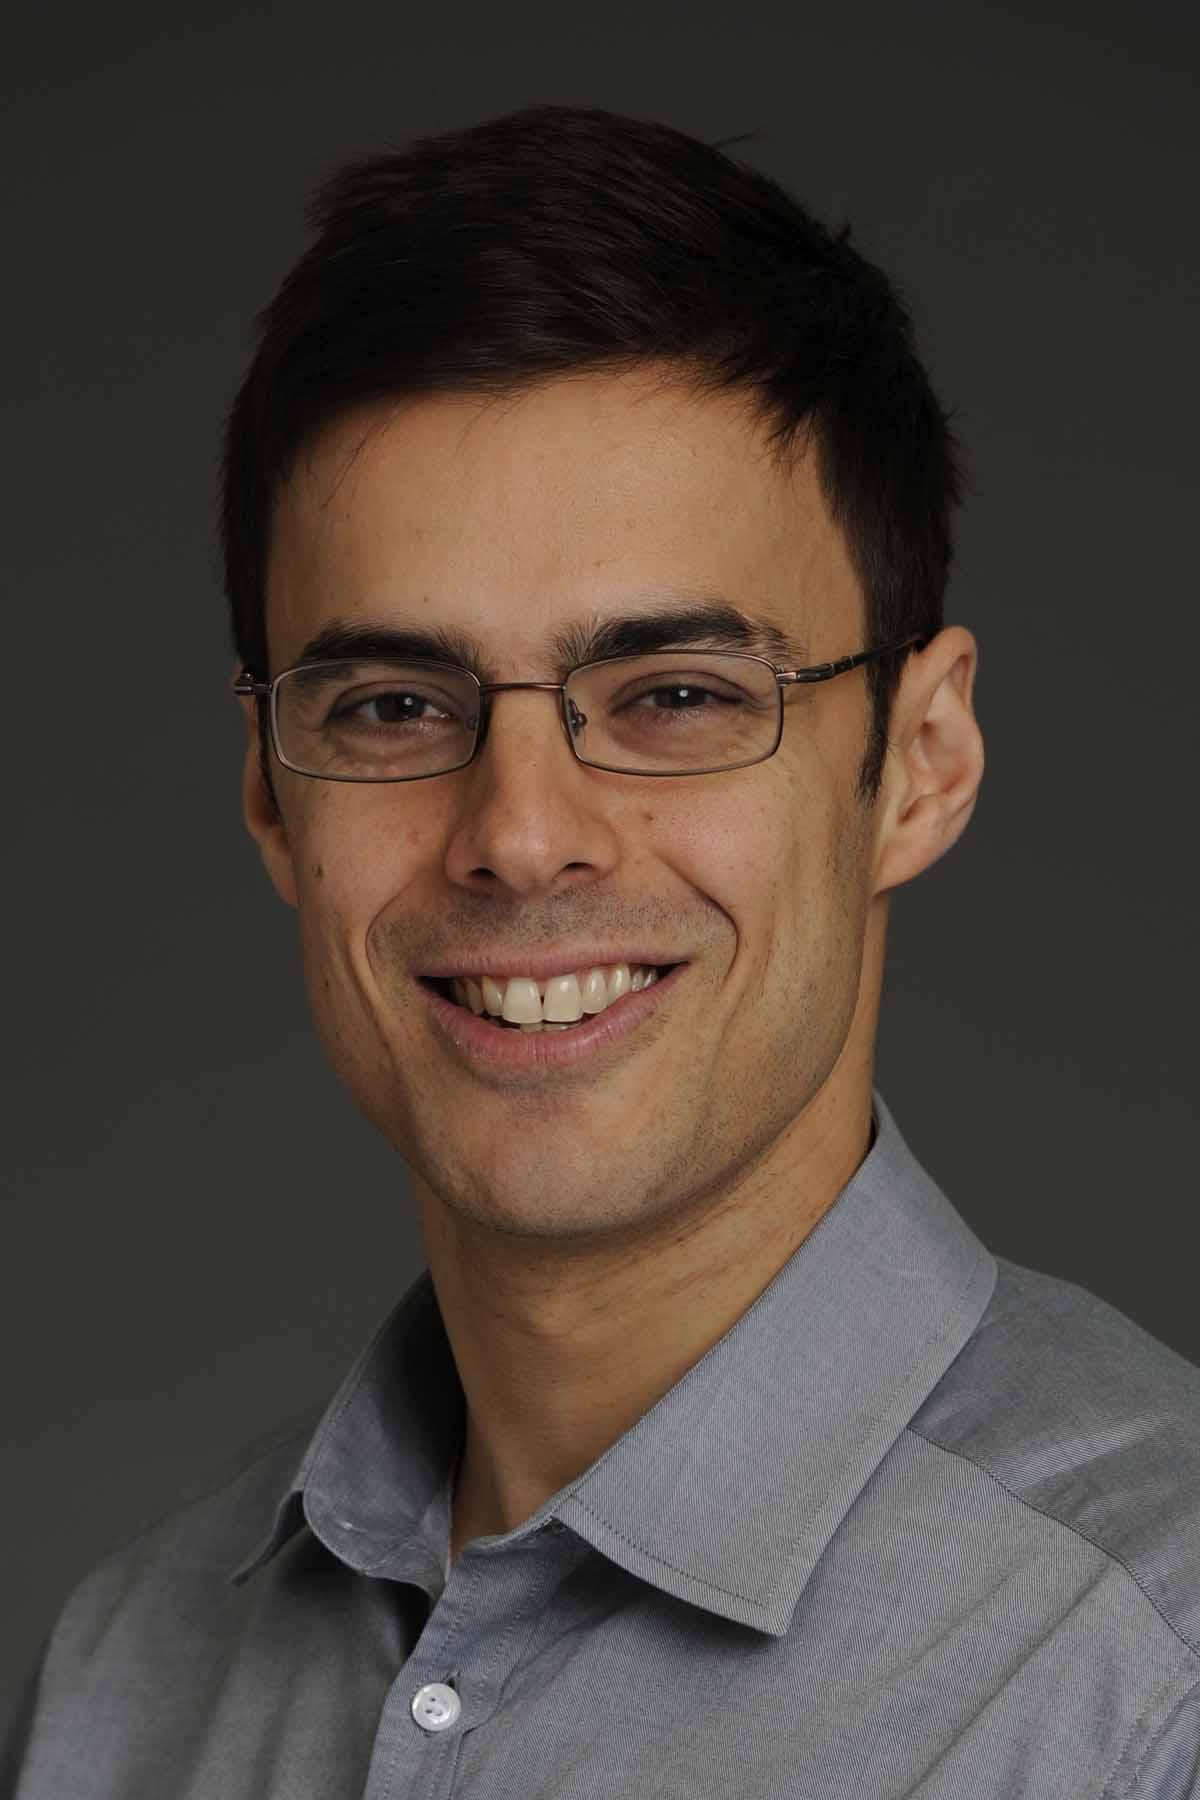 Dr. Aristotle Voineskos